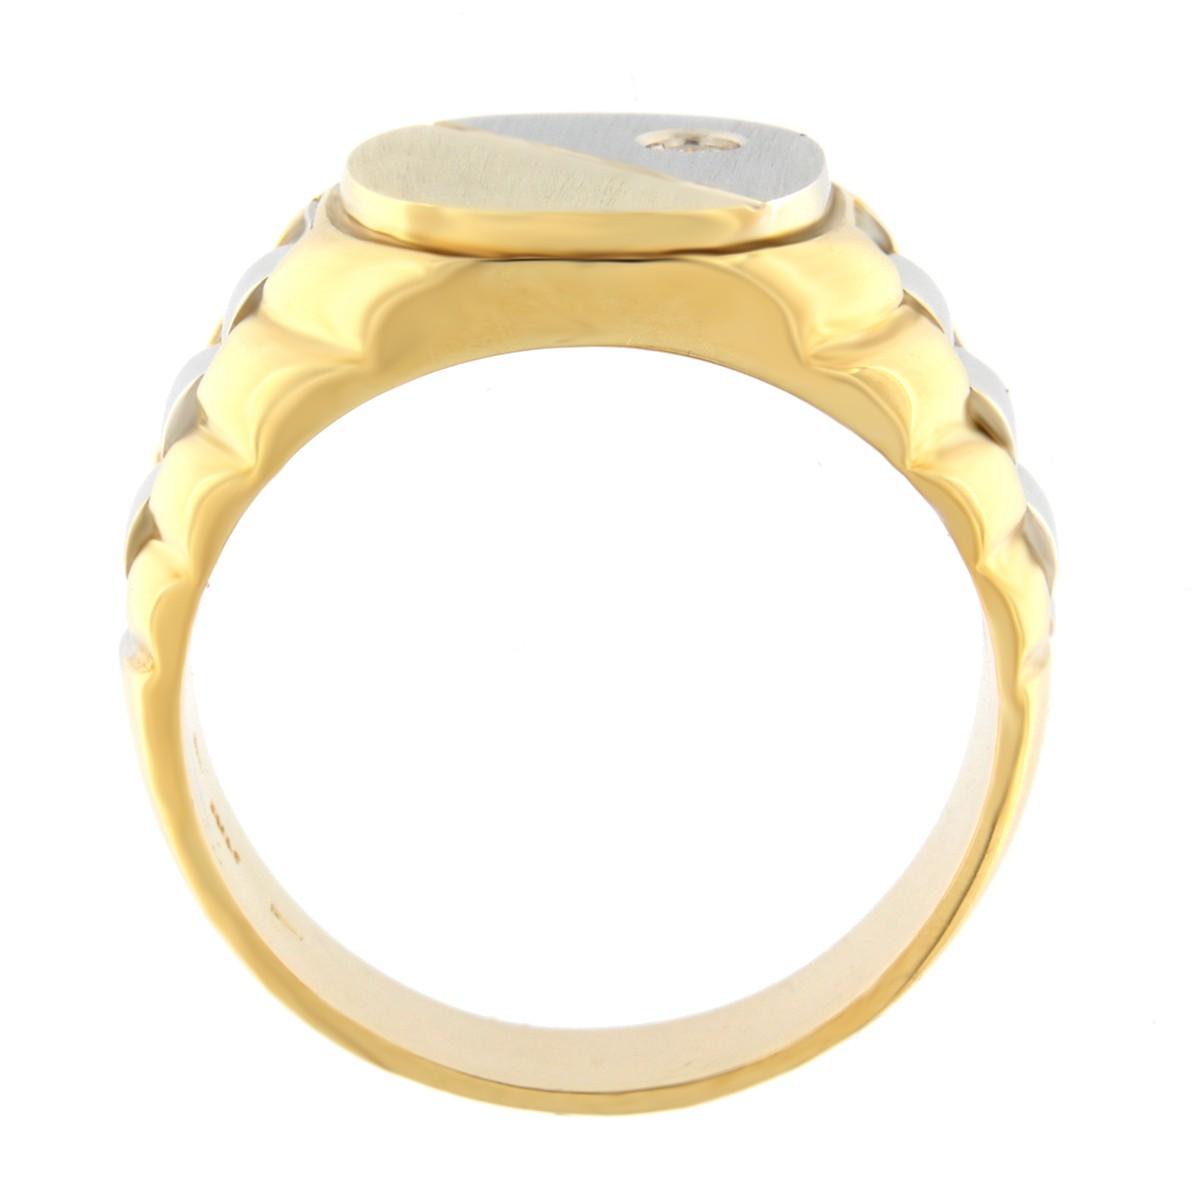 Kullast klotser teemantiga 0,05 ct. Kood: 1742b küljelt